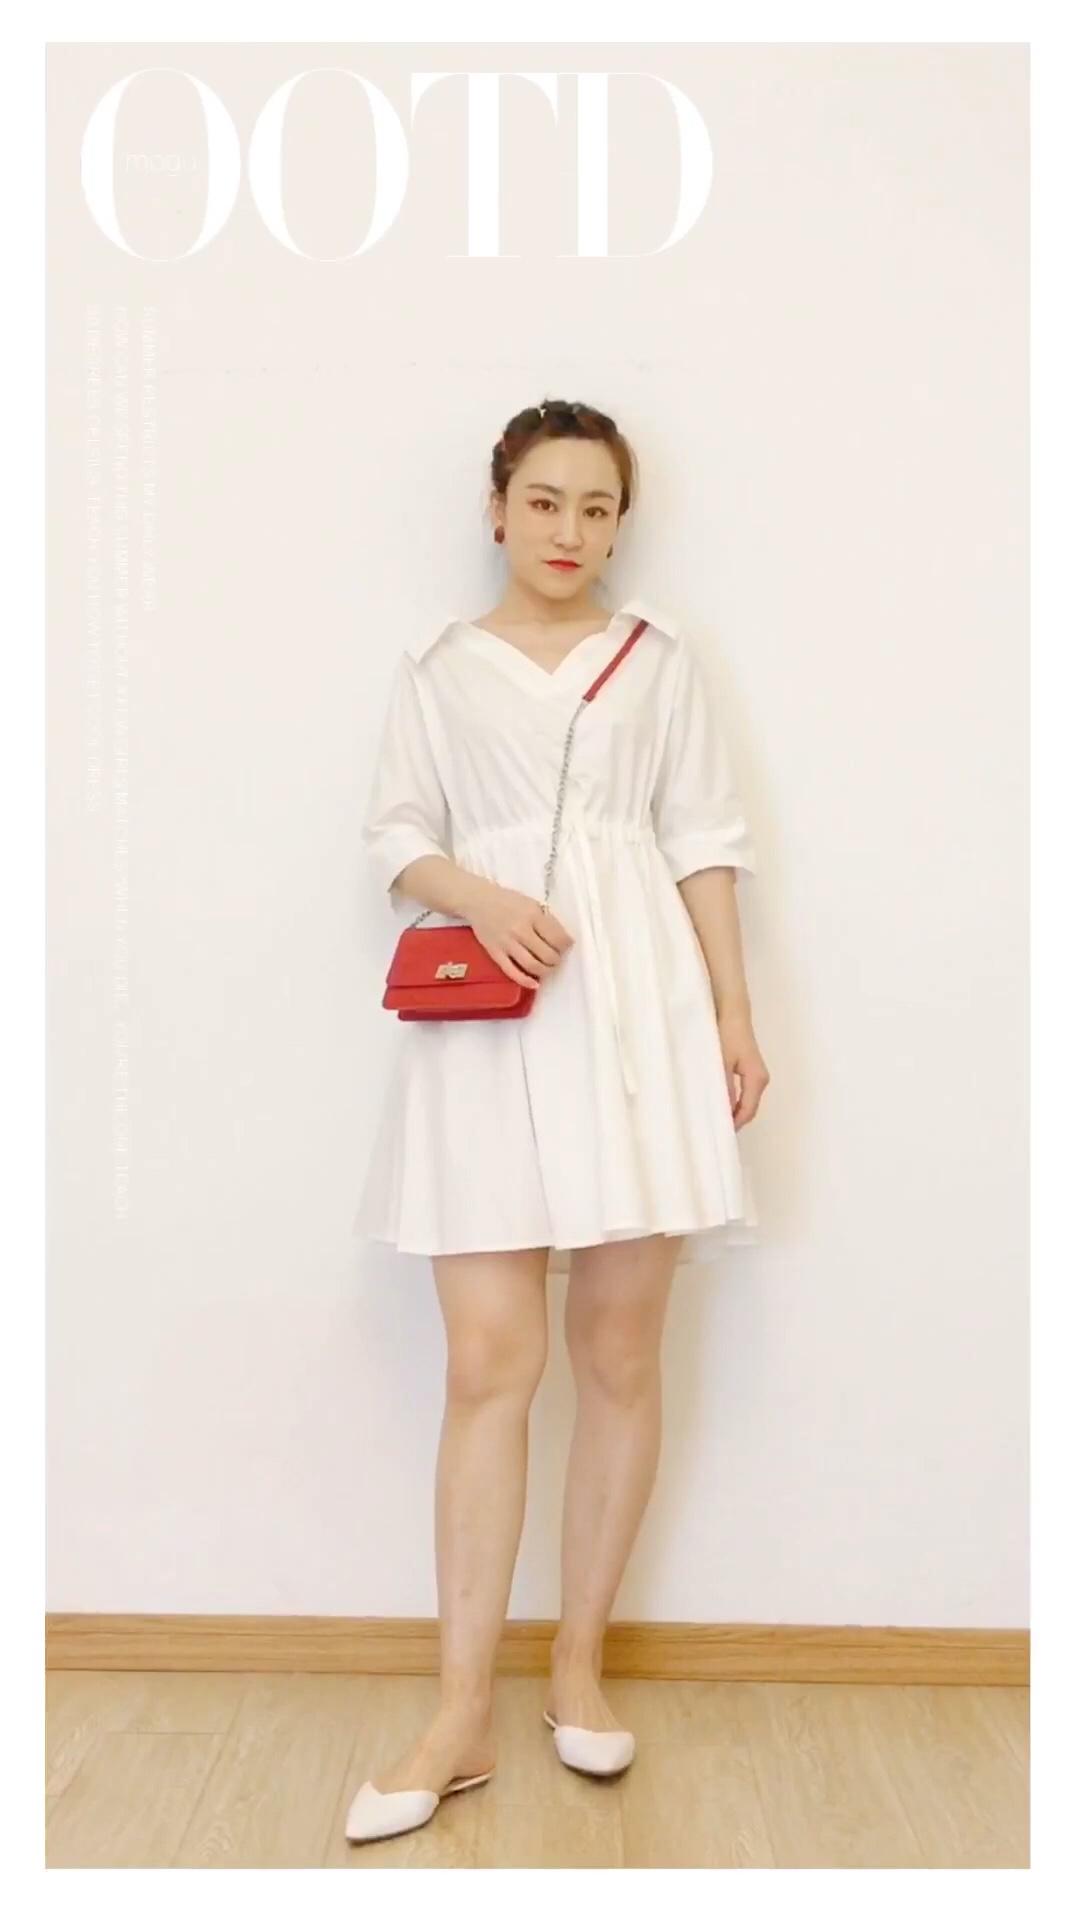 #开学季,校园女神穿搭攻略#  这一件一字肩法式少女衬衫裙,也是梨形mm适用款!🥳腰部抽绳设计,小蛮腰立现。传说中的初恋裙就是这样的吧~哈哈🥰